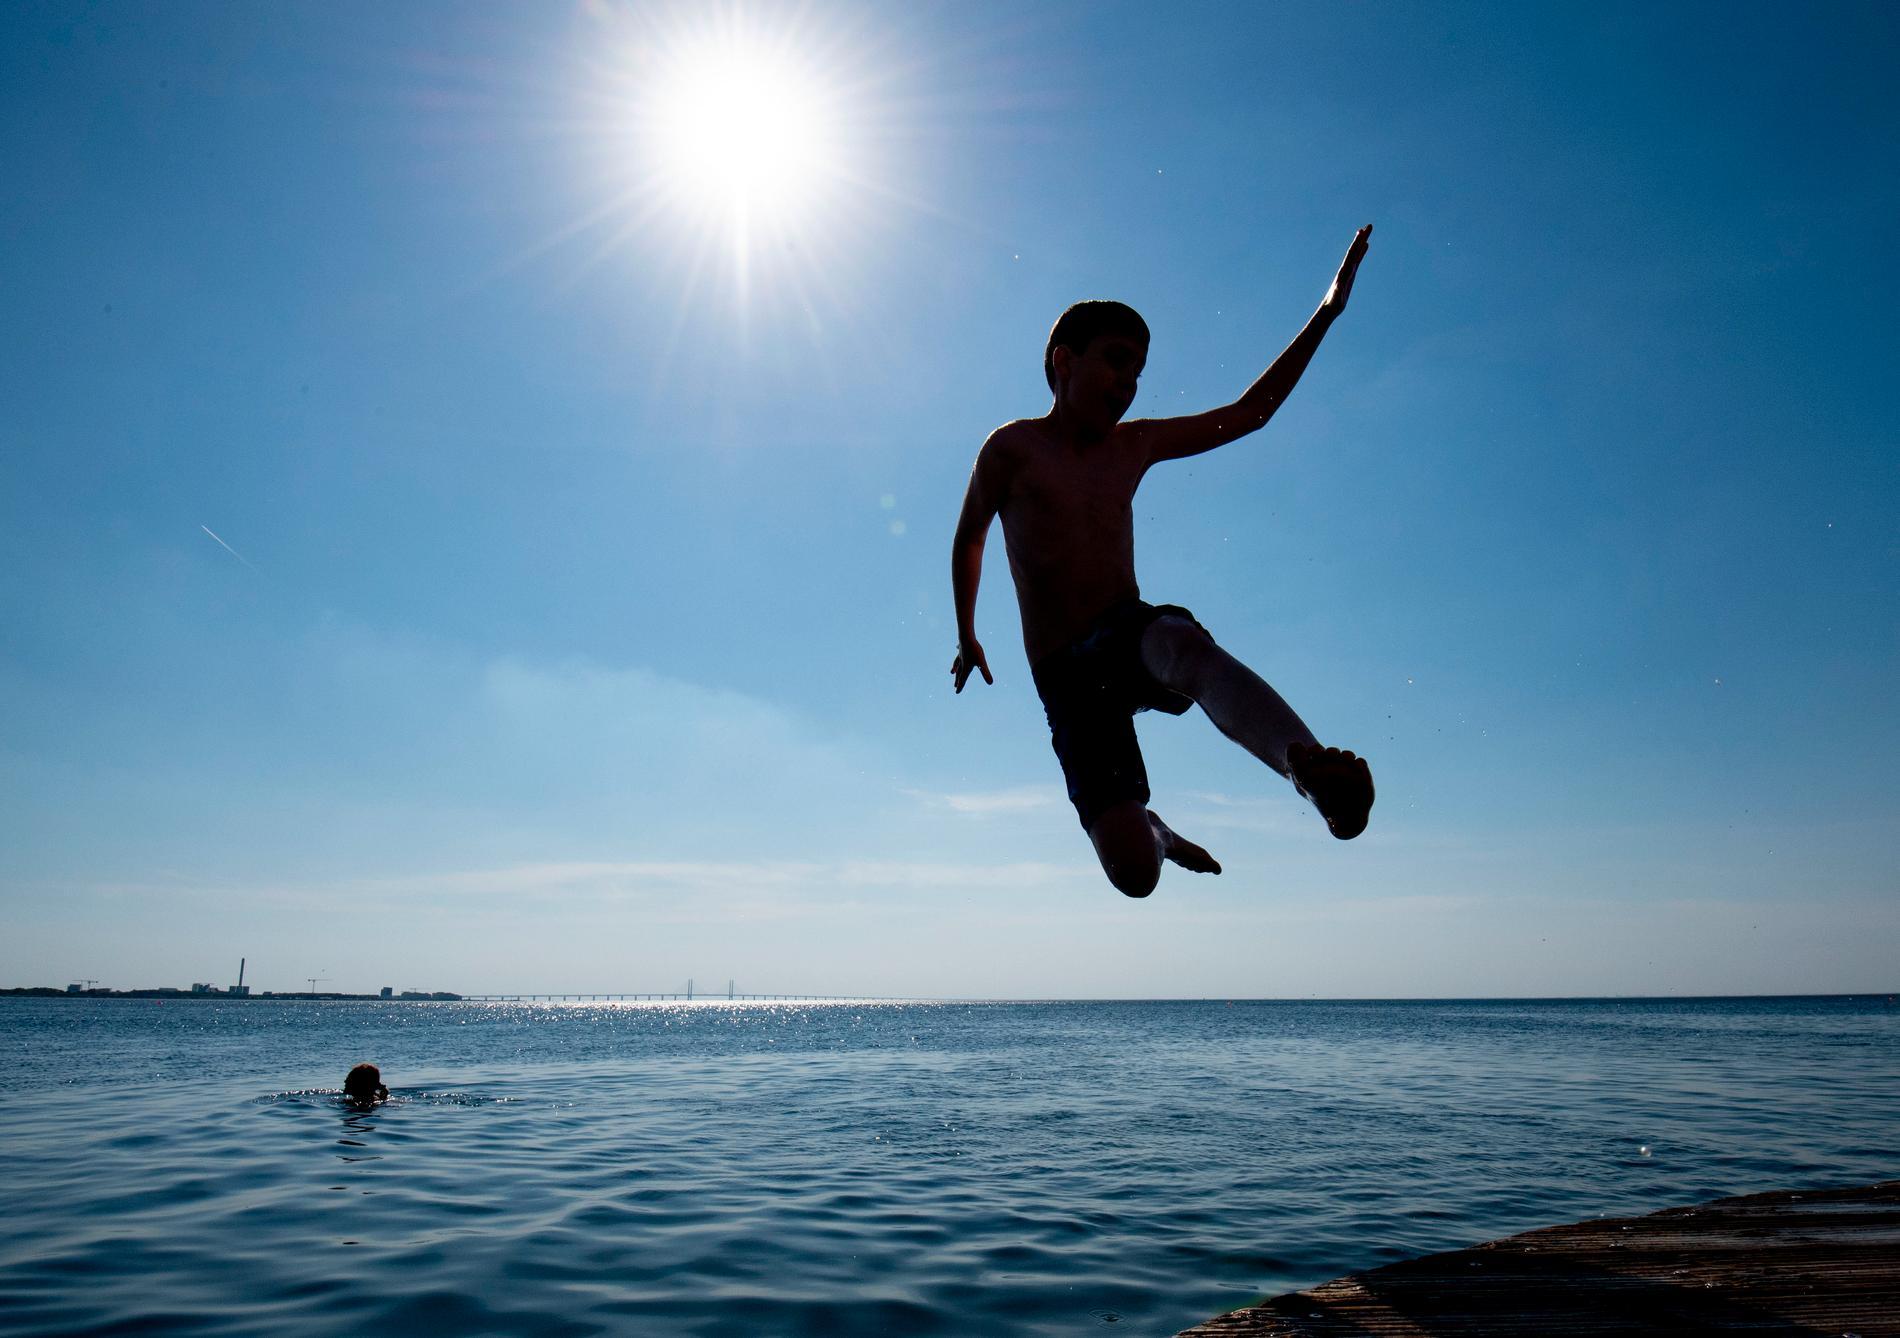 Du får bada i de flesta svenska vatten, men undvik skyddsobjekt.